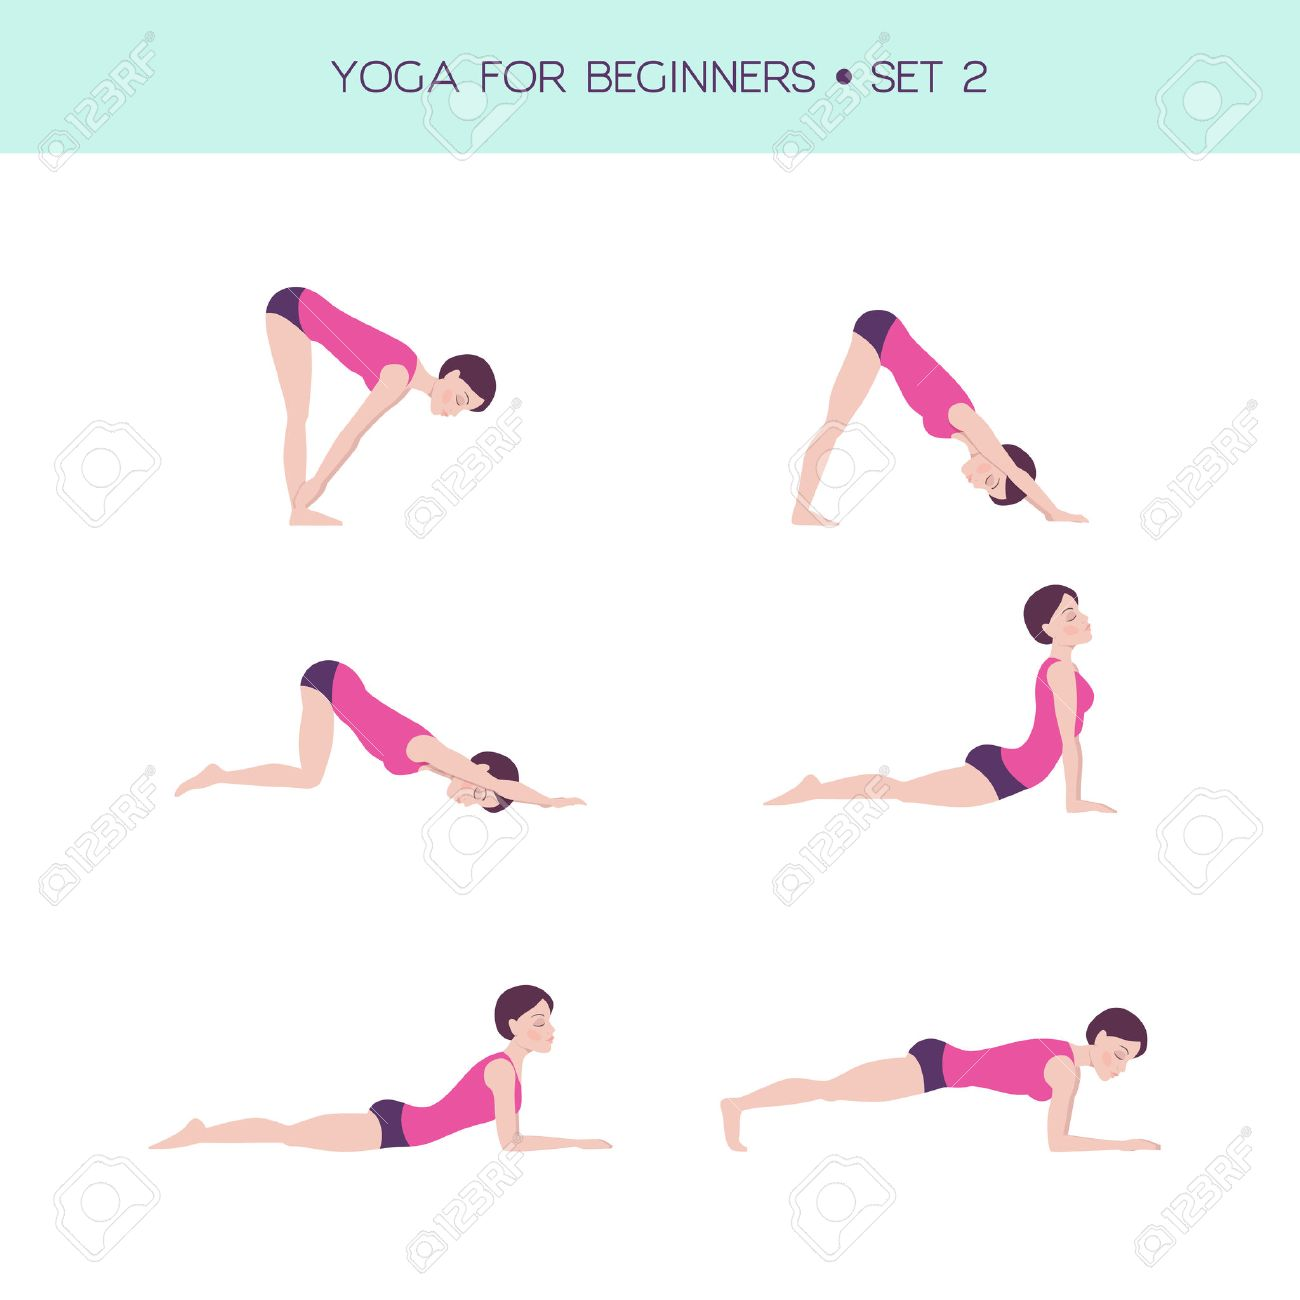 Vector Conjunto De Asanas Basicas De Yoga Yoga Para Principiantes Cifra Mujer Haciendo Ejercicios 6 Asanas Ilustraciones Vectoriales Clip Art Vectorizado Libre De Derechos Image 60505351